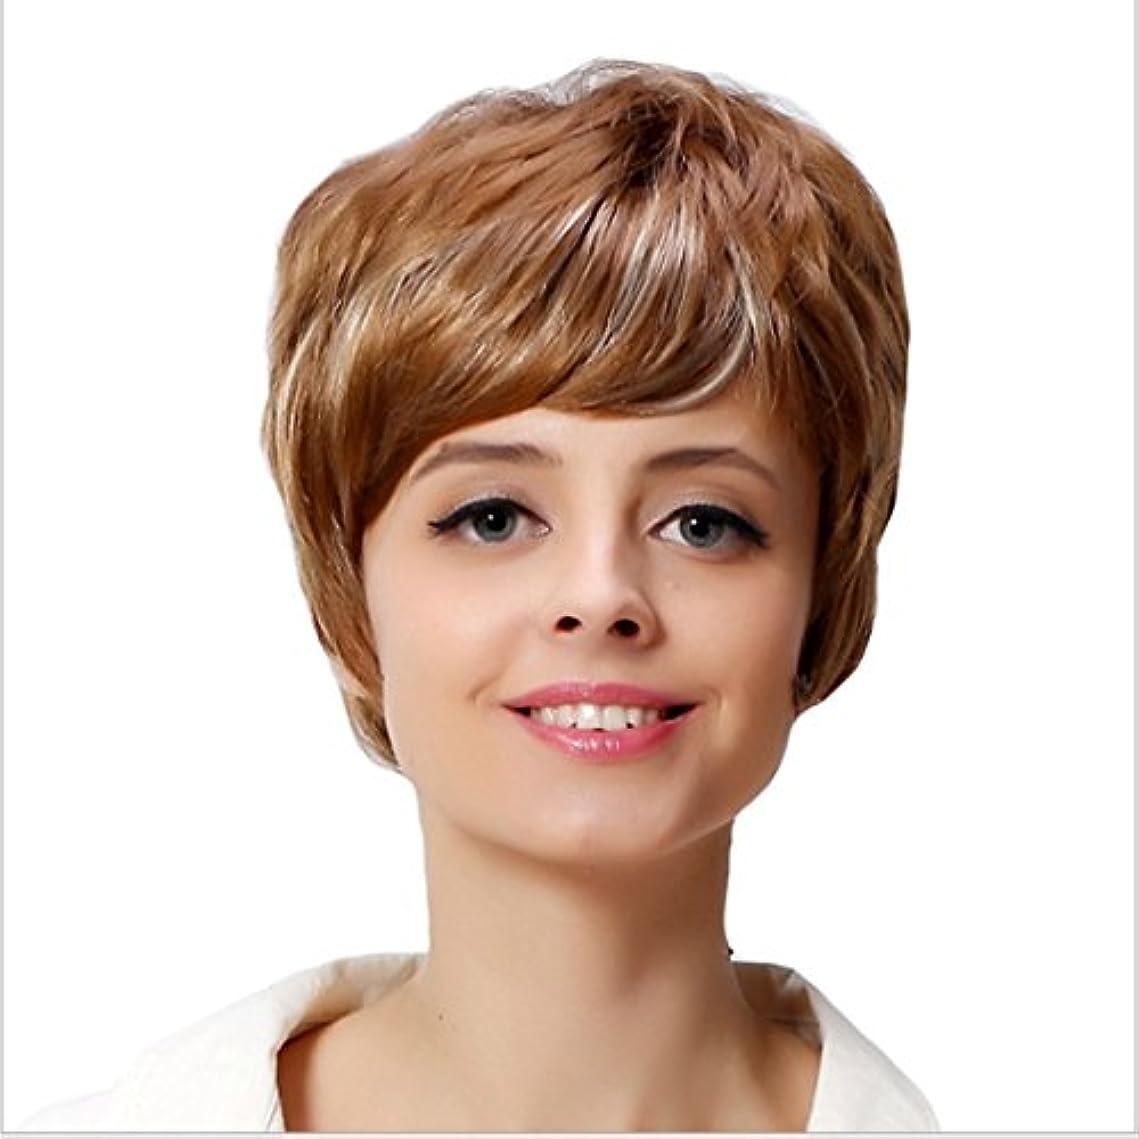 日付付き着飾る好意YOUQIU ホワイト女性のためのフラット前髪毛180グラムかつらを持つ女性カーリー耐熱ウィッグのために10インチ/ 12インチショートウェーブゴールドウィッグ (サイズ : 10inch)